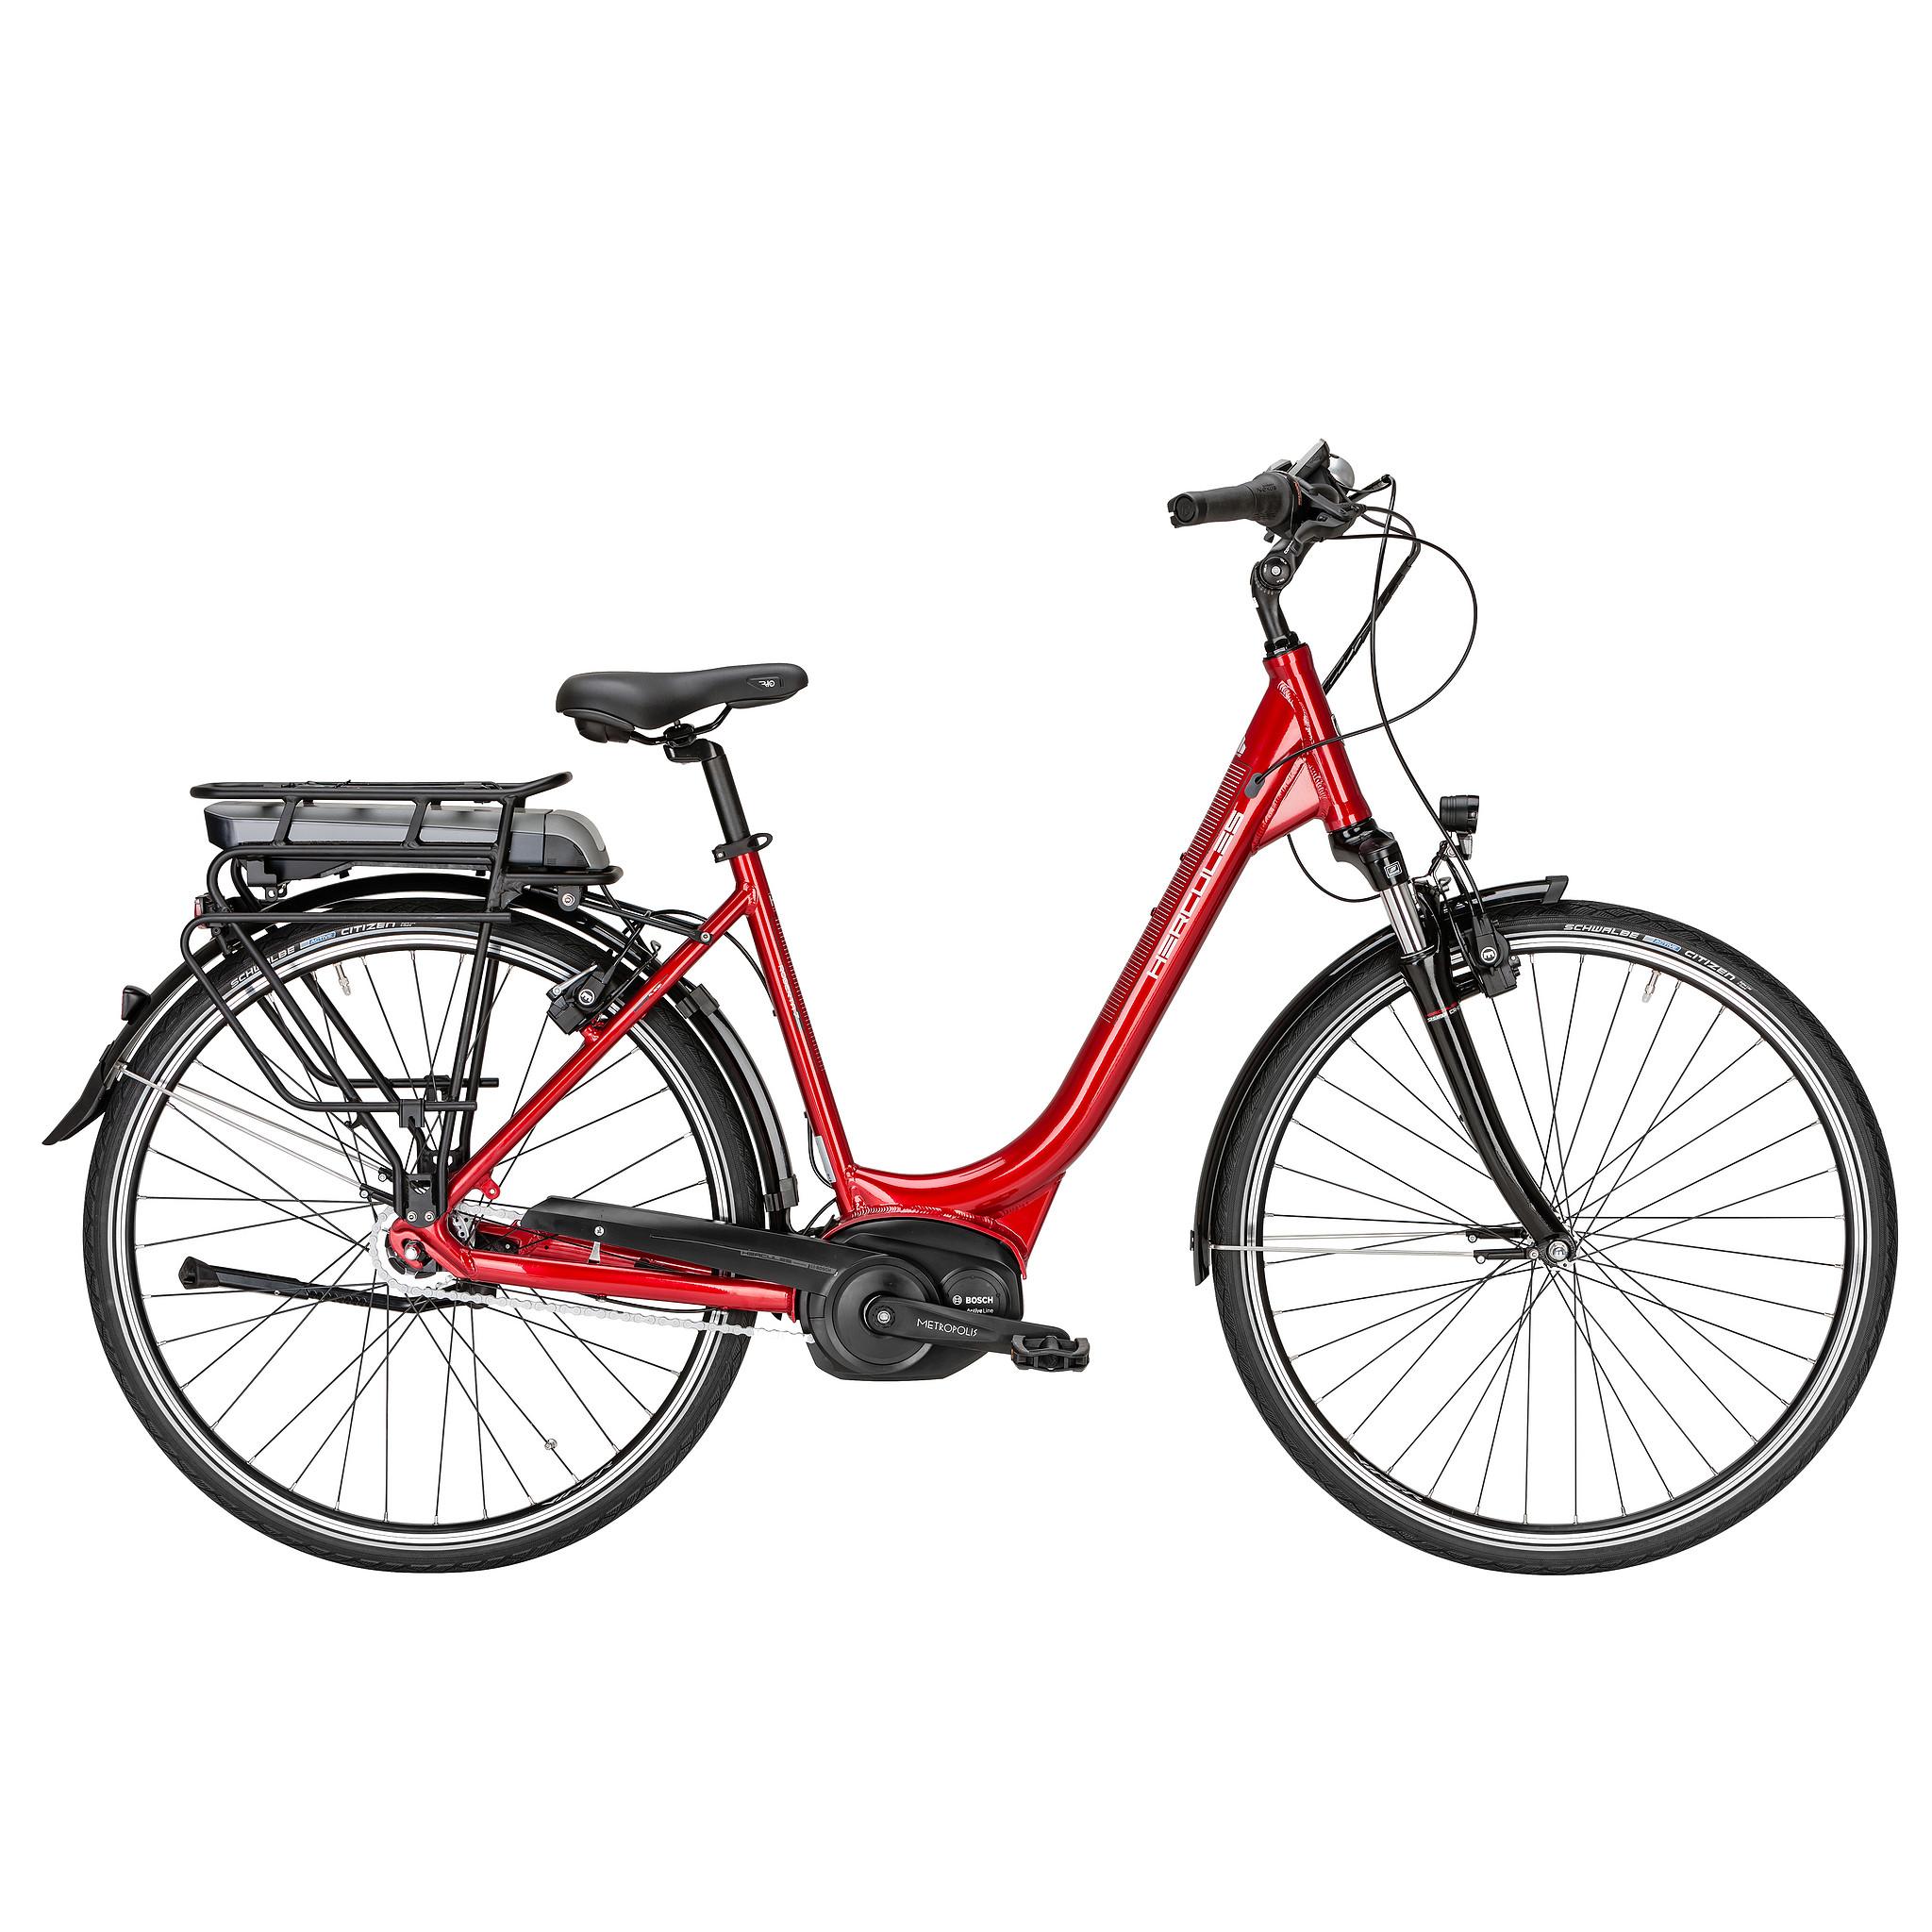 Hercules Elektrische fiets Roberta F7 dames rood 54cm 396 Watt Rood